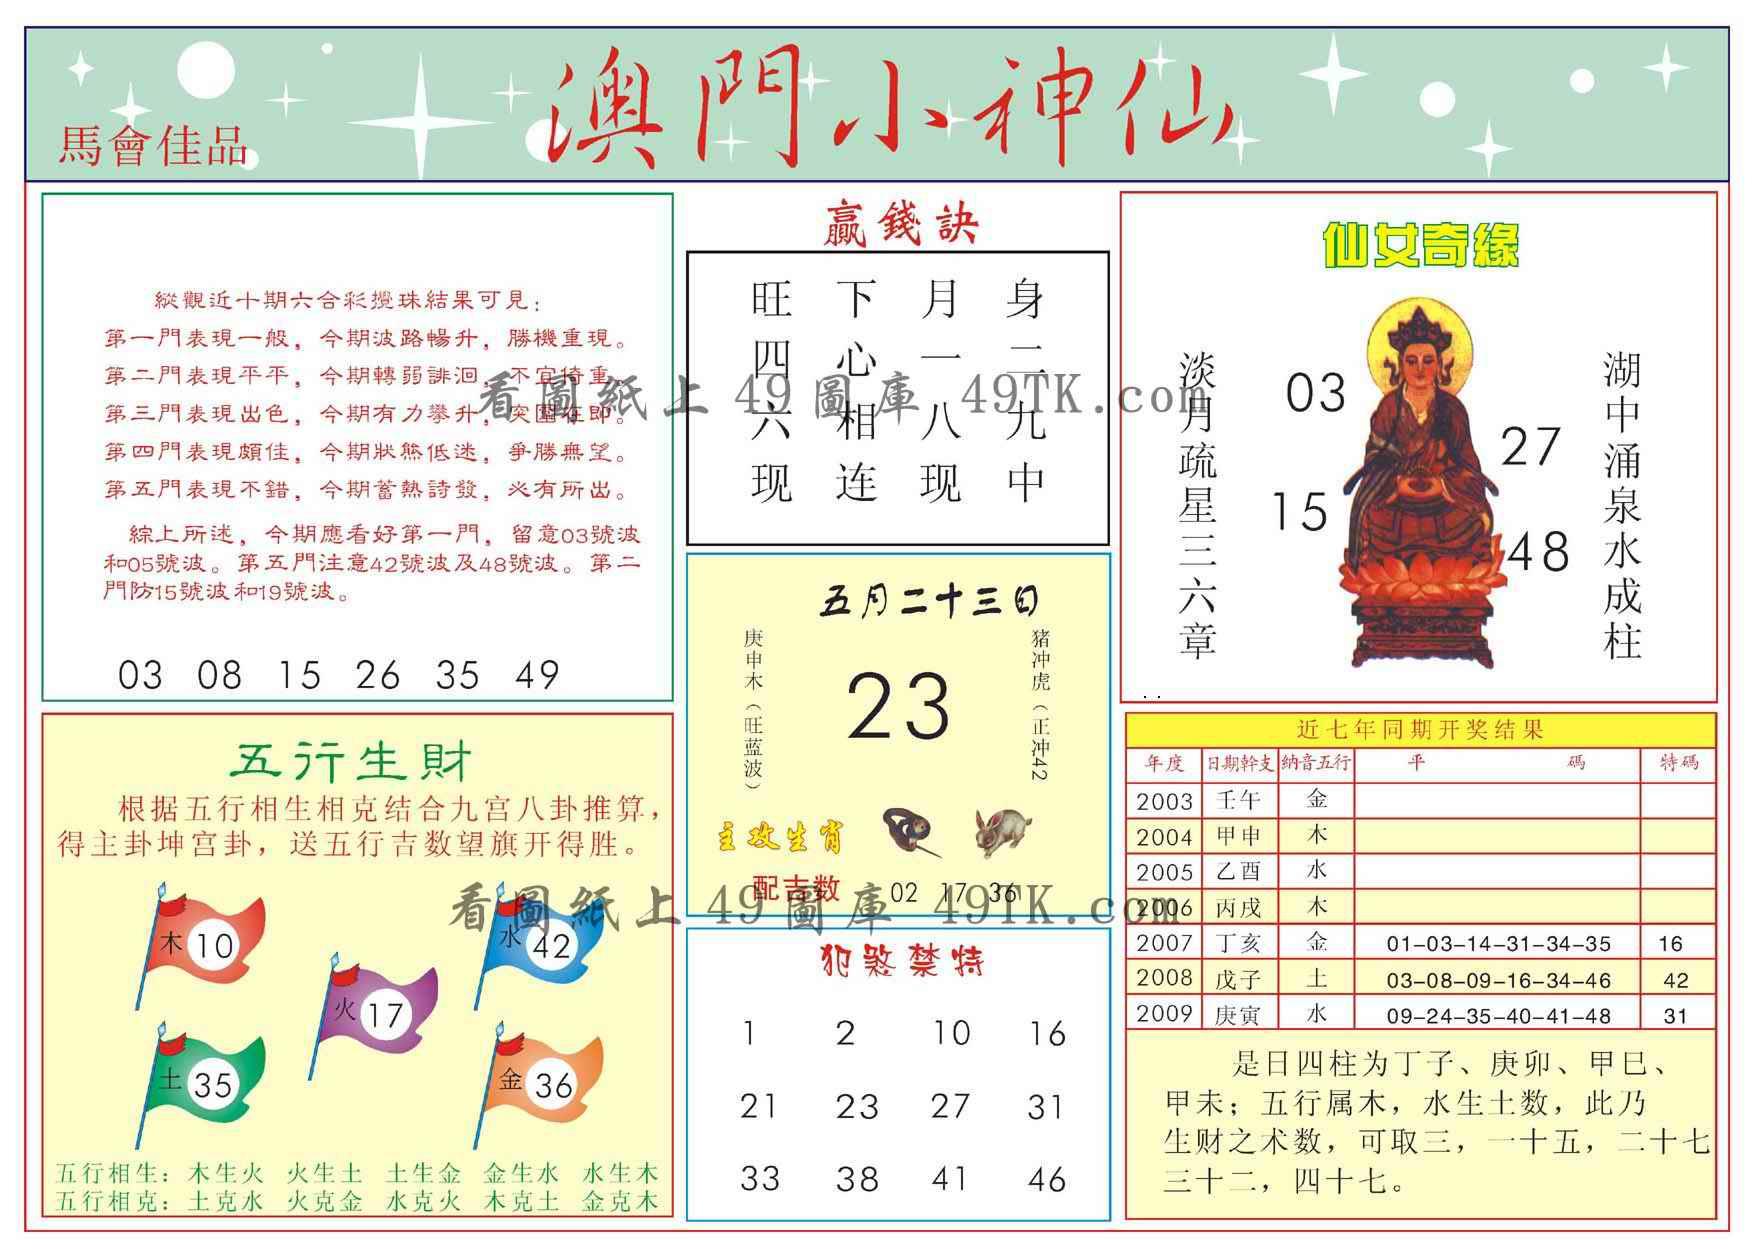 057期澳门小神仙-2